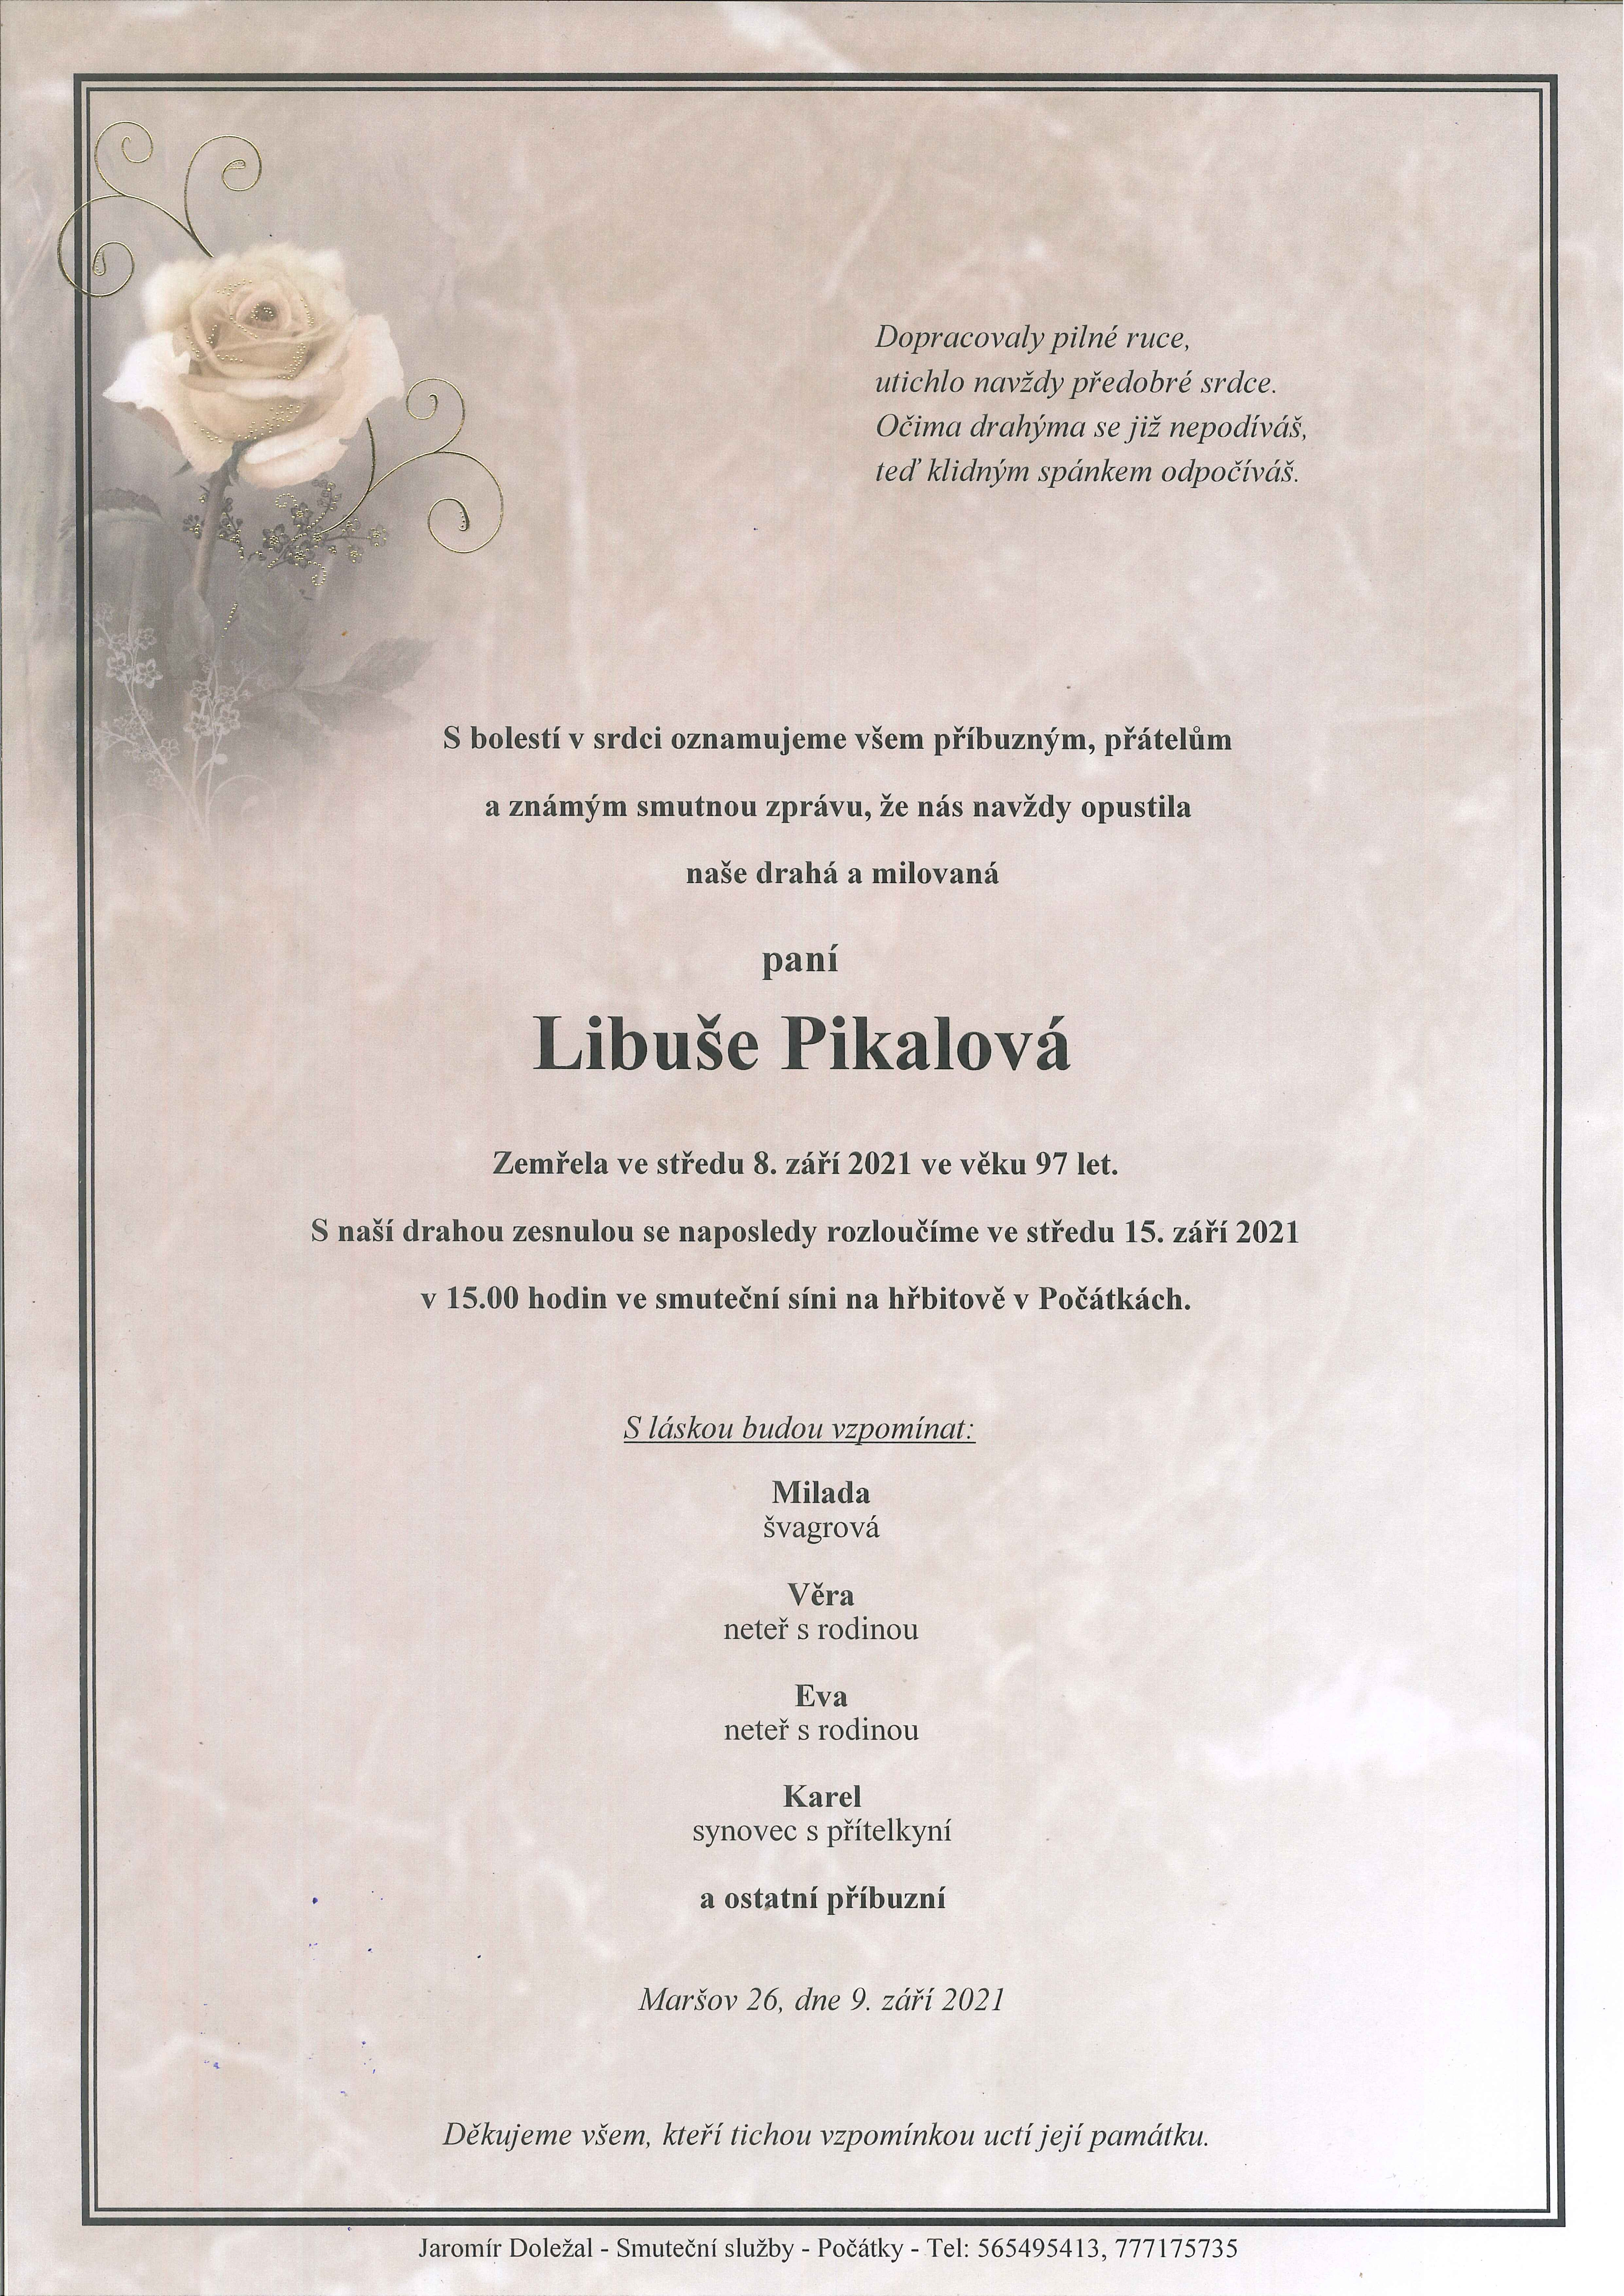 Libuše Pikalová